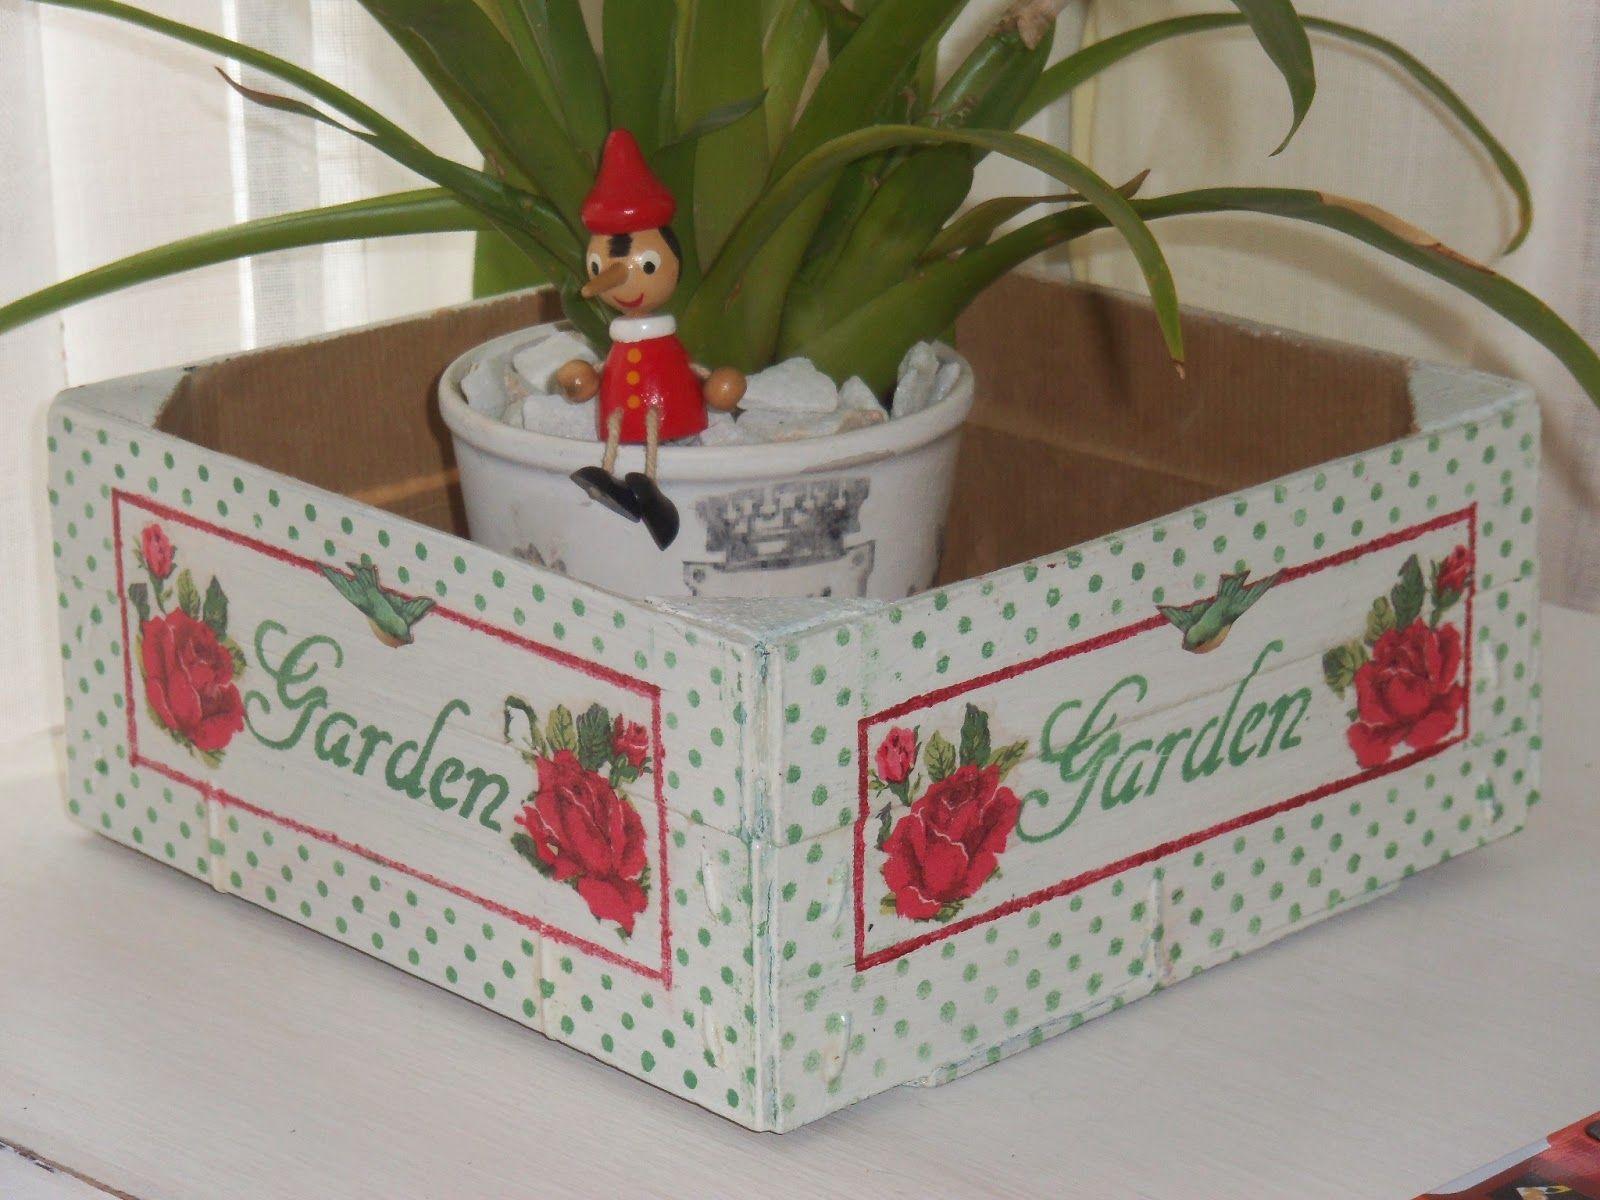 Blog sobrte bricolaje decoraci n restauracion de muebles y costura cajas recicladas - Bricolaje y decoracion ...